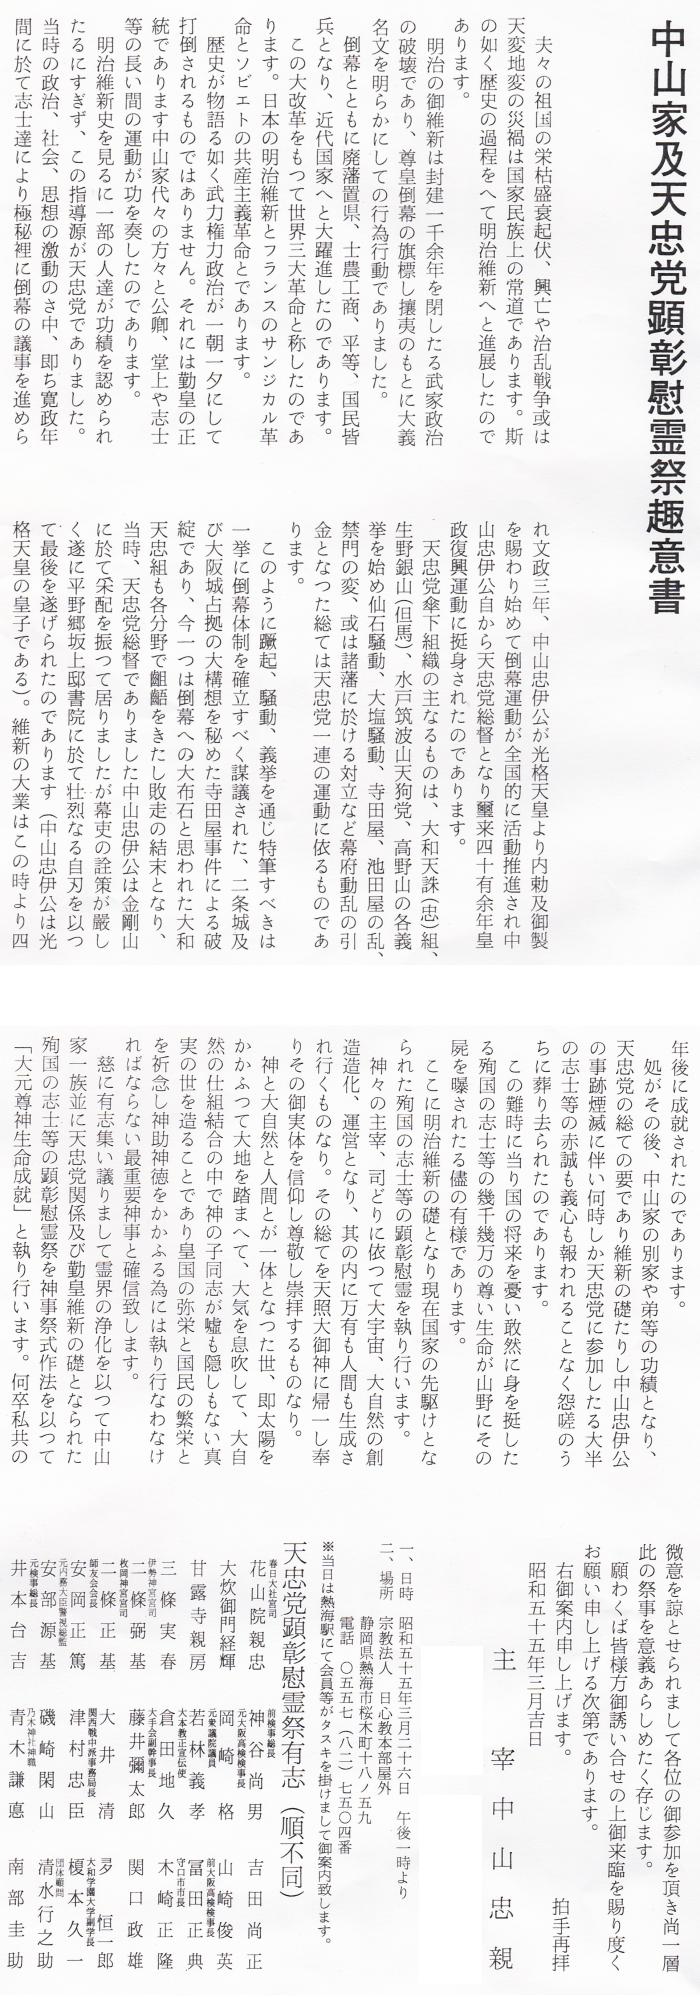 中山家及天忠党顕彰慰霊祭趣意書